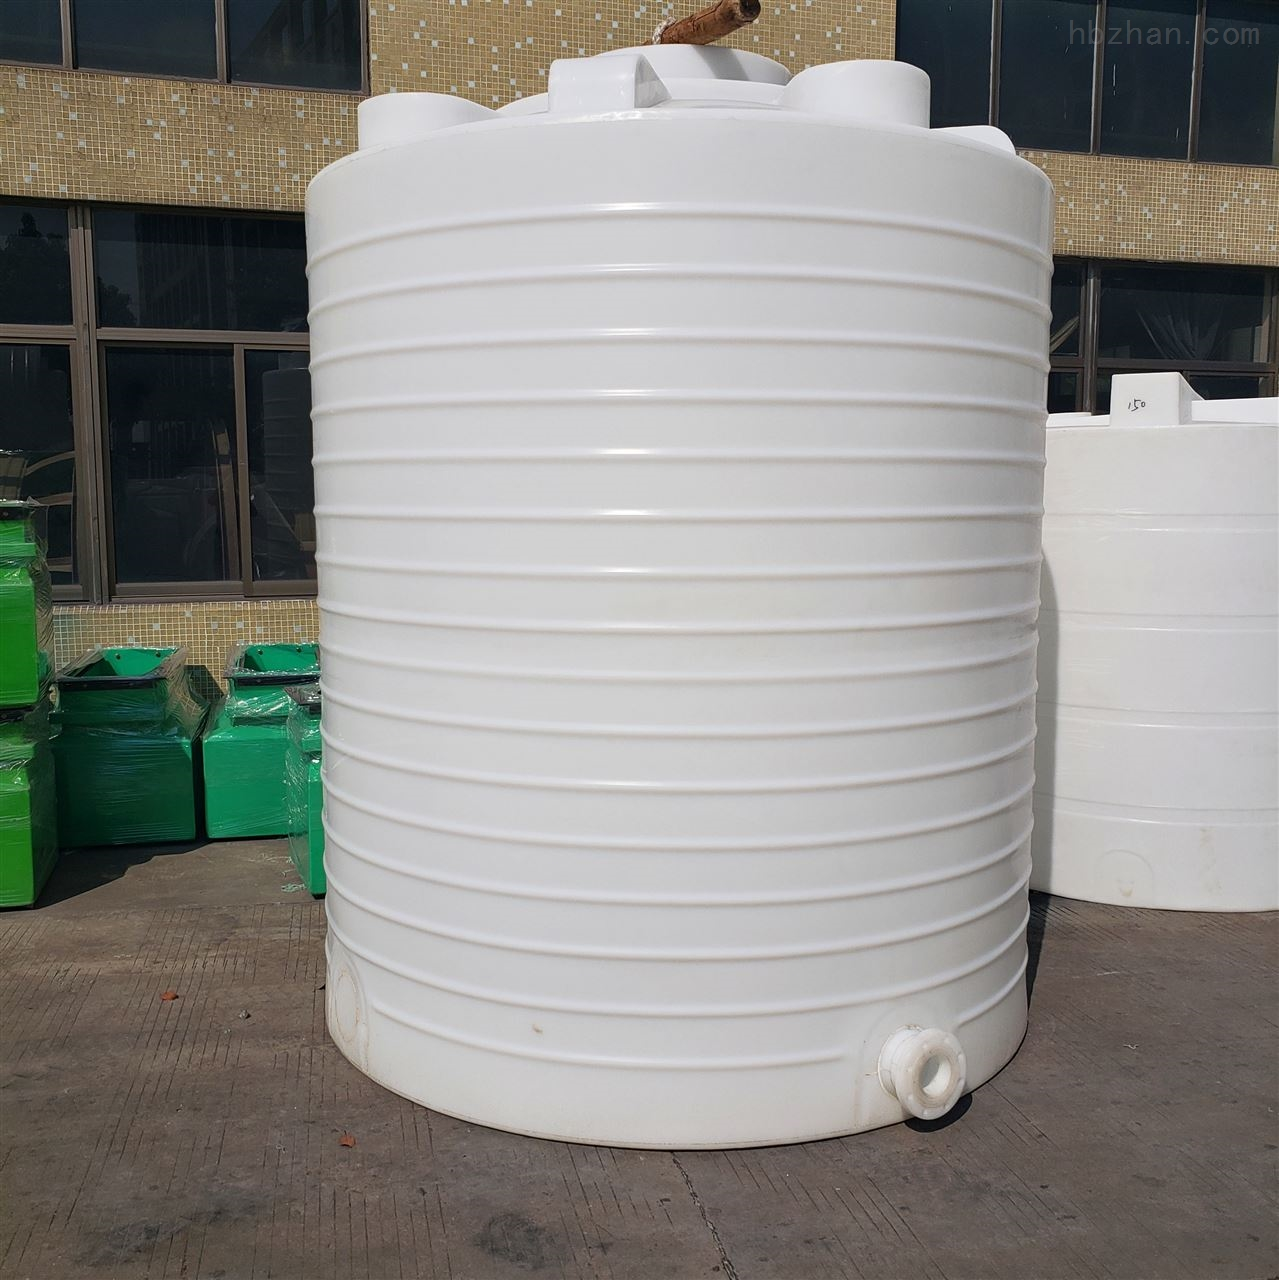 30吨化工储罐塑料储存桶价格